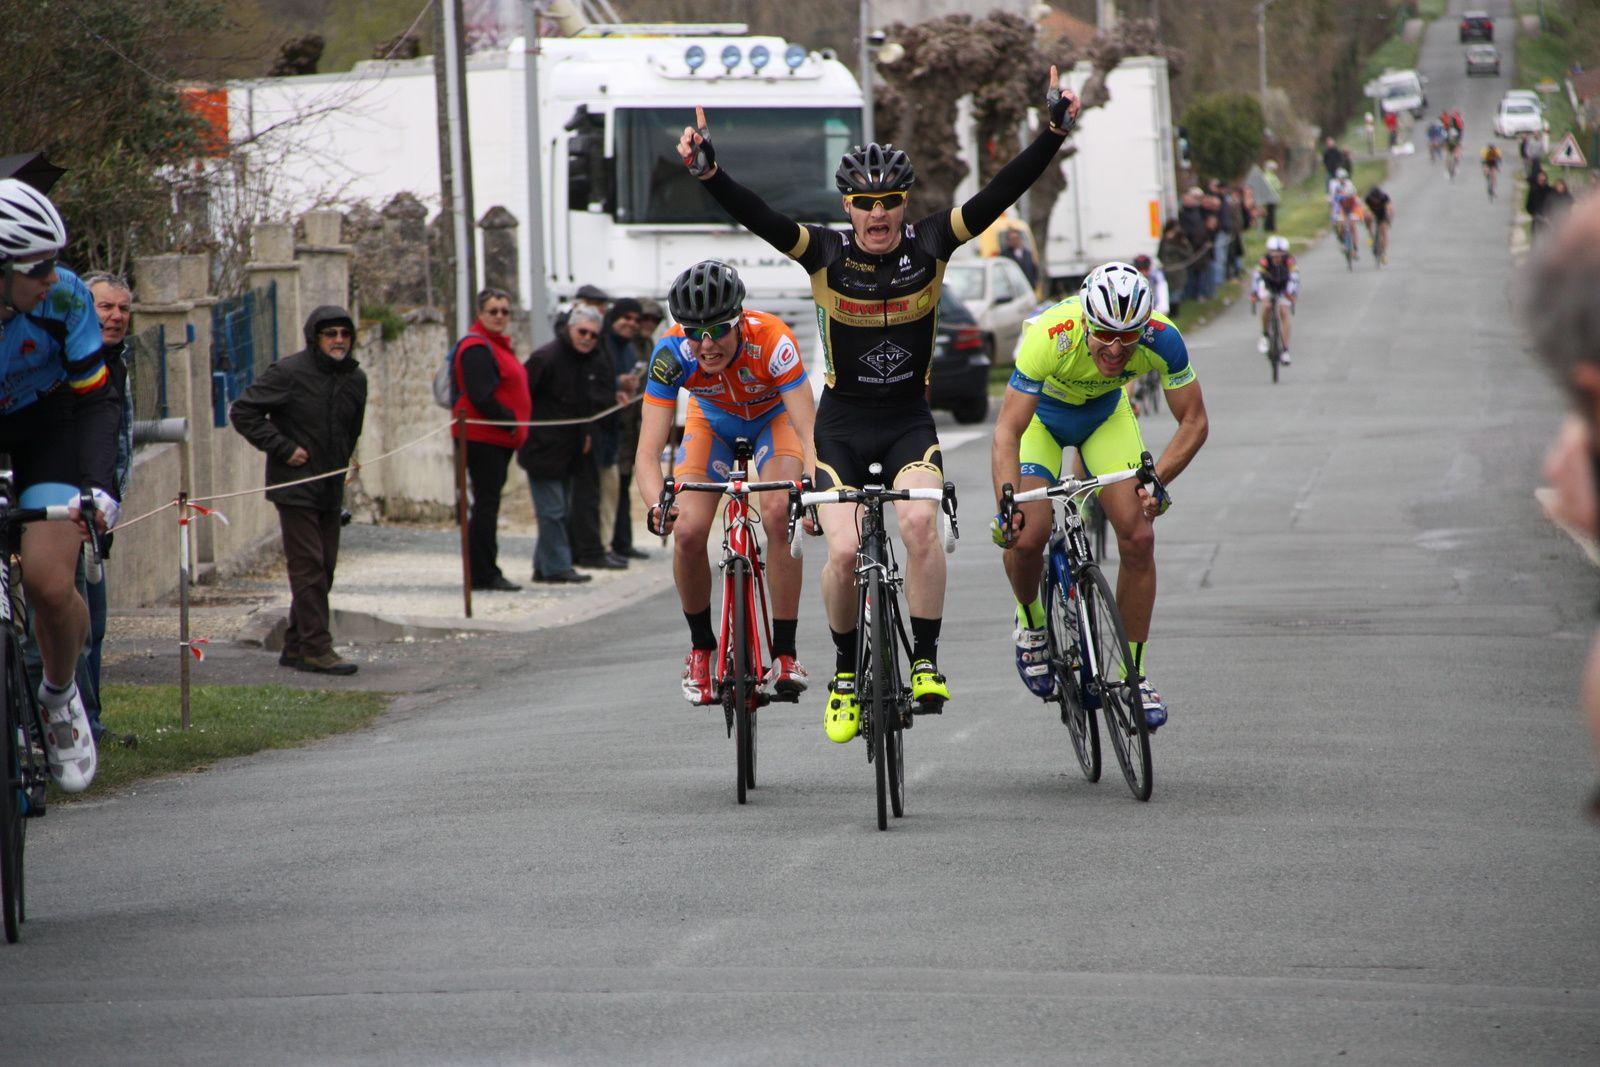 le  Sprint  est  trés  disputé  entre  3  coureurs, finalement  la  victoire  revient  à  Clément  LIVERTOUT(Angouléme  VC), 2e  Léo  MOINET(VCC  Marennes), 3e  Louis  BODIN AMIEL(UVA)